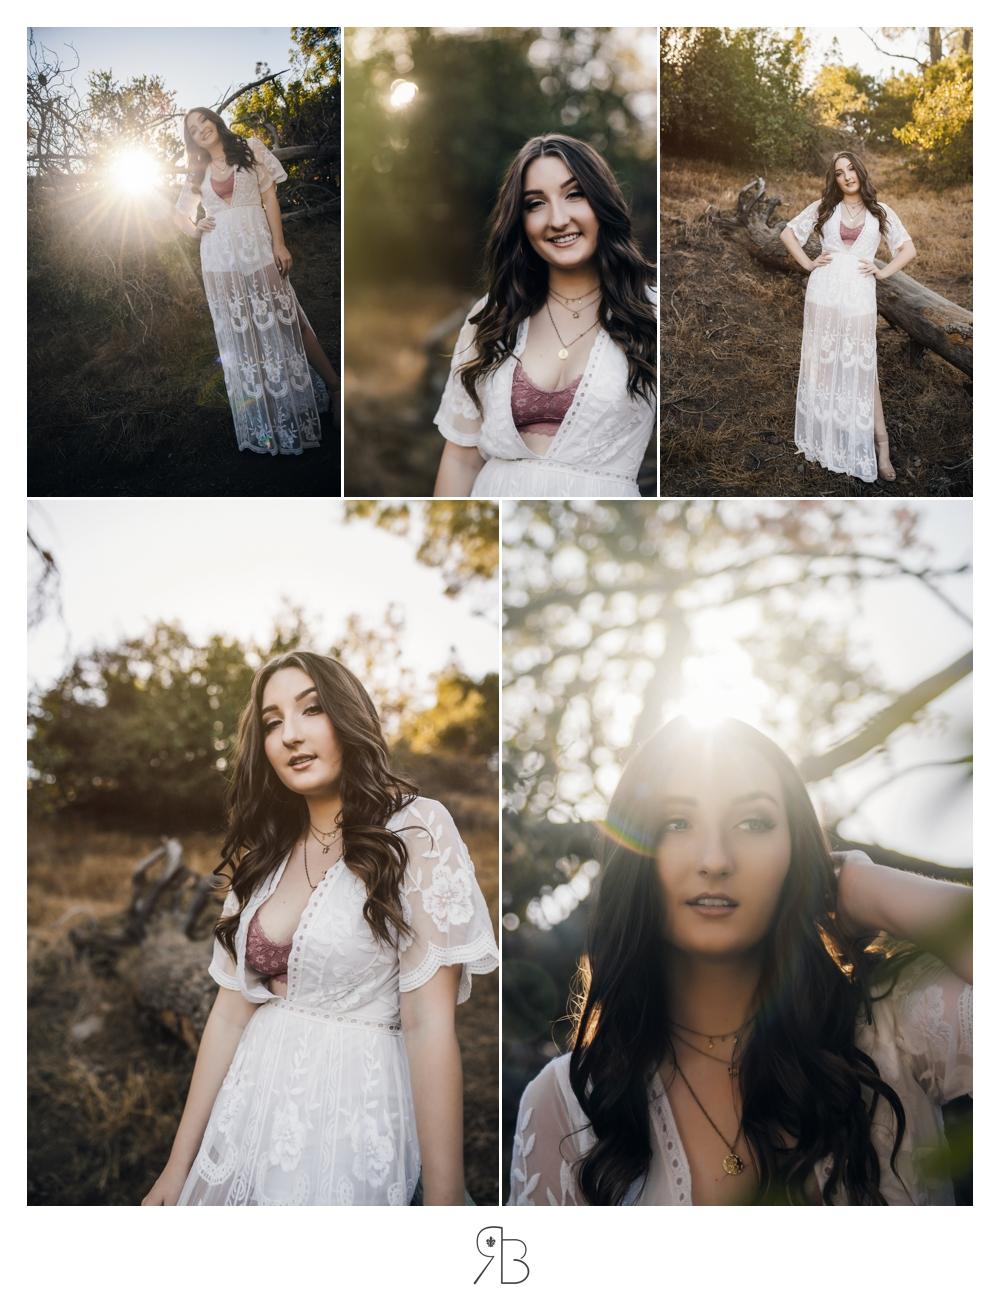 multiple images of girl in white boho dress in nature backlit renee bowen seniors